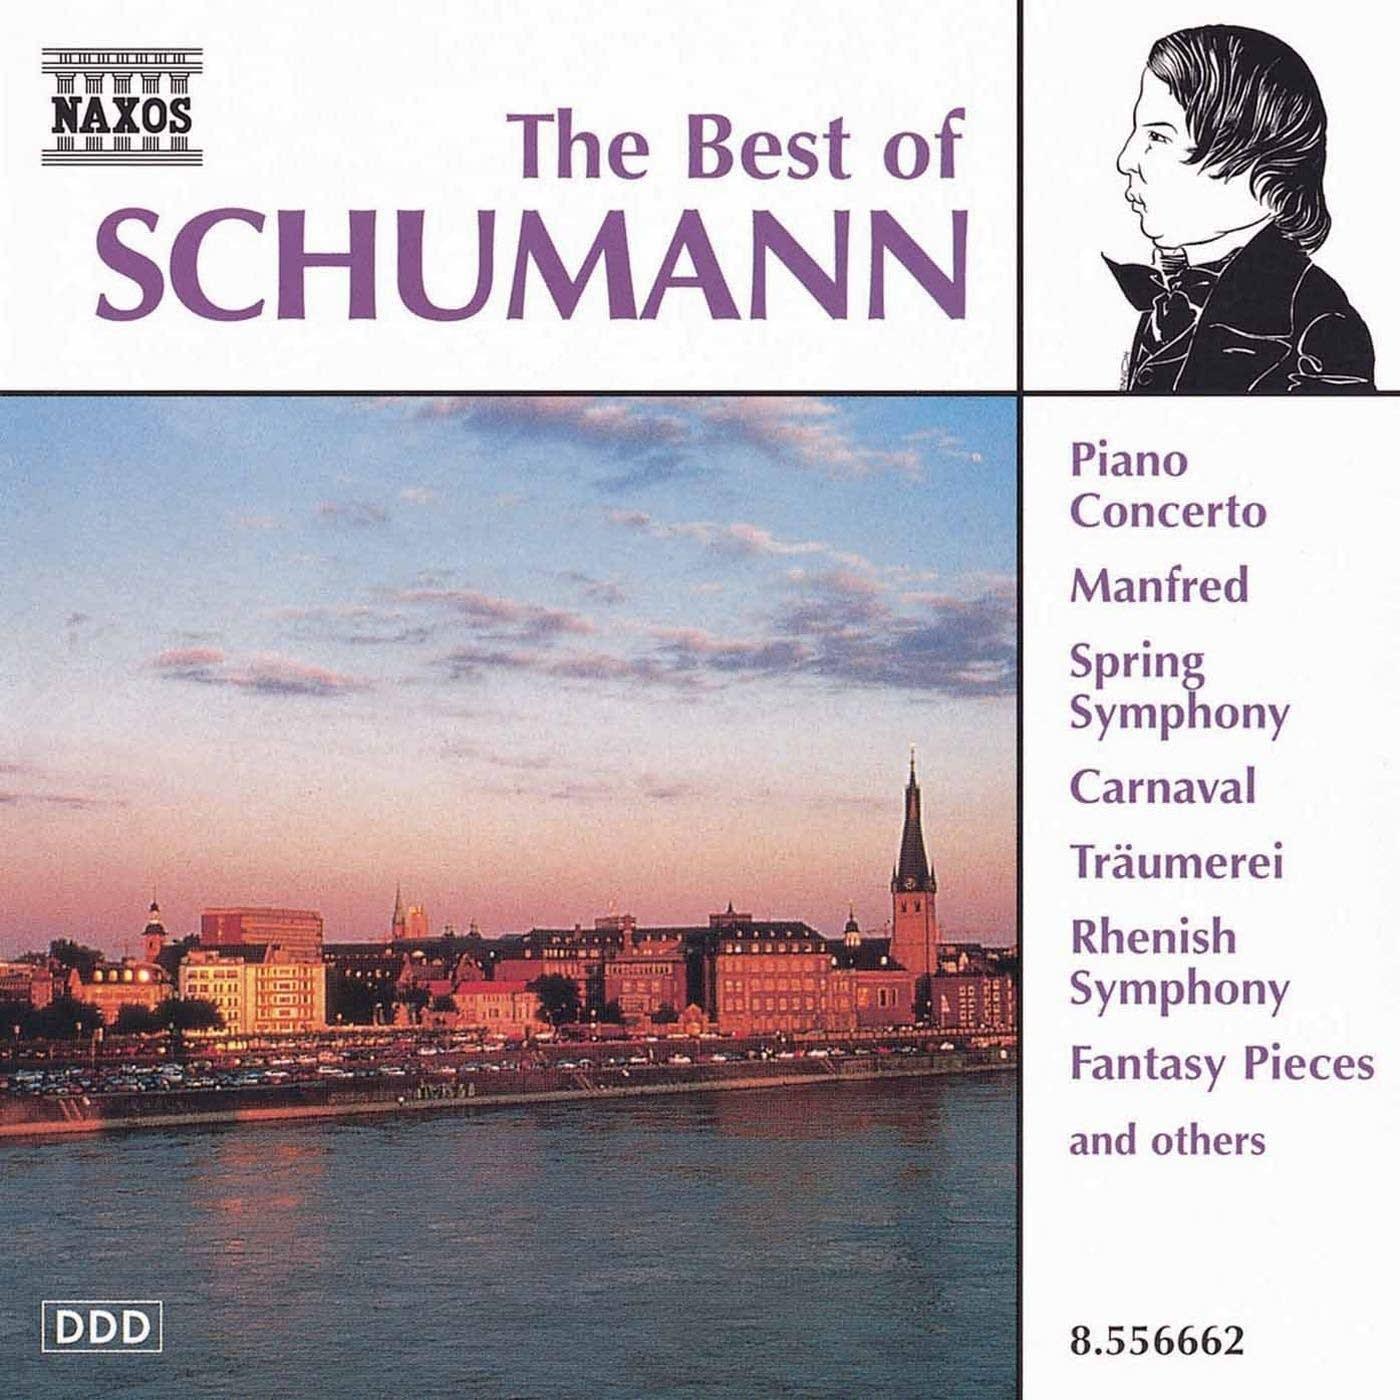 Robert Schumann - Scenes of Childhood: Traumerei (Dreaming)